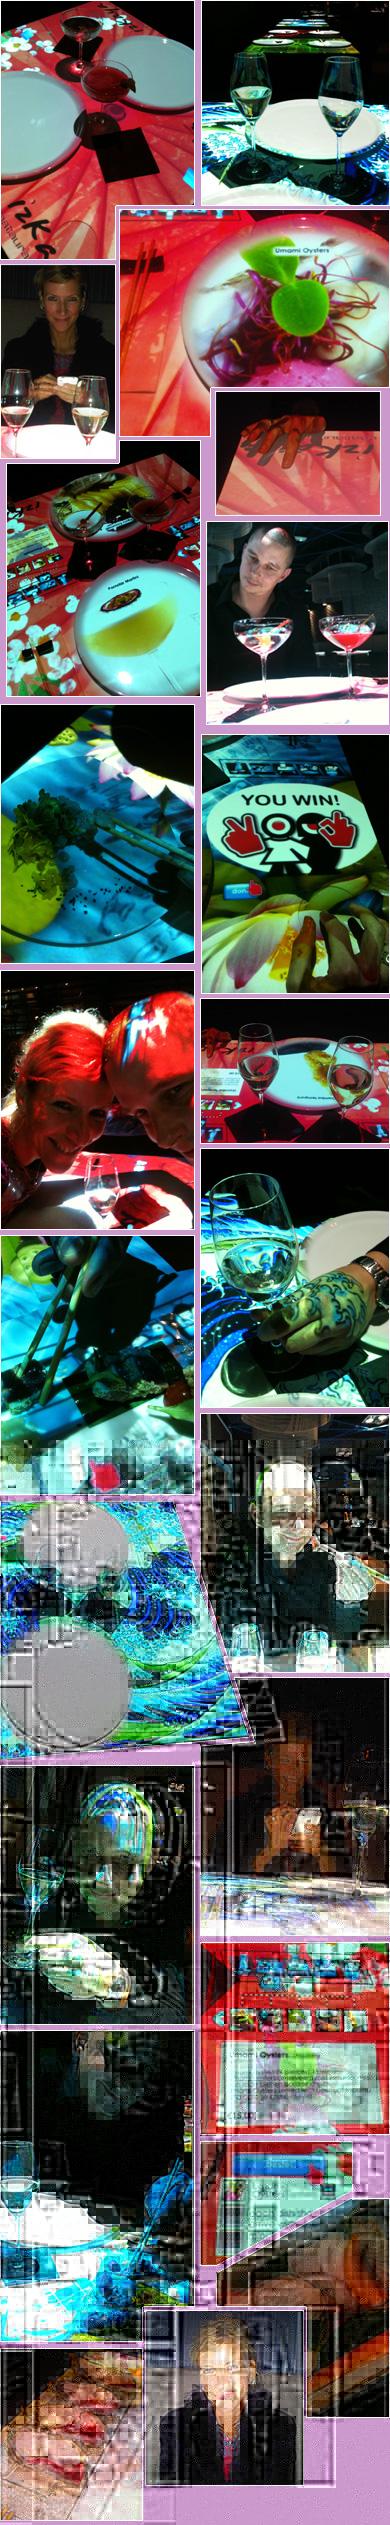 Afgelopen zaterdagavond hadden we dus een primeurtje. High Tech en met stokjes eten in Asian Food restaurant Izkaya op de Lijnbaan in Rotterdam. De tafel is een groot projectiescherm waarop je met je vinger op een touchpad alles kunt doen wat nodig is om heerlijk te eten en drinken en daarbij nog een heleboel entertainment op de koop toe te krijgen. Een aanrader!